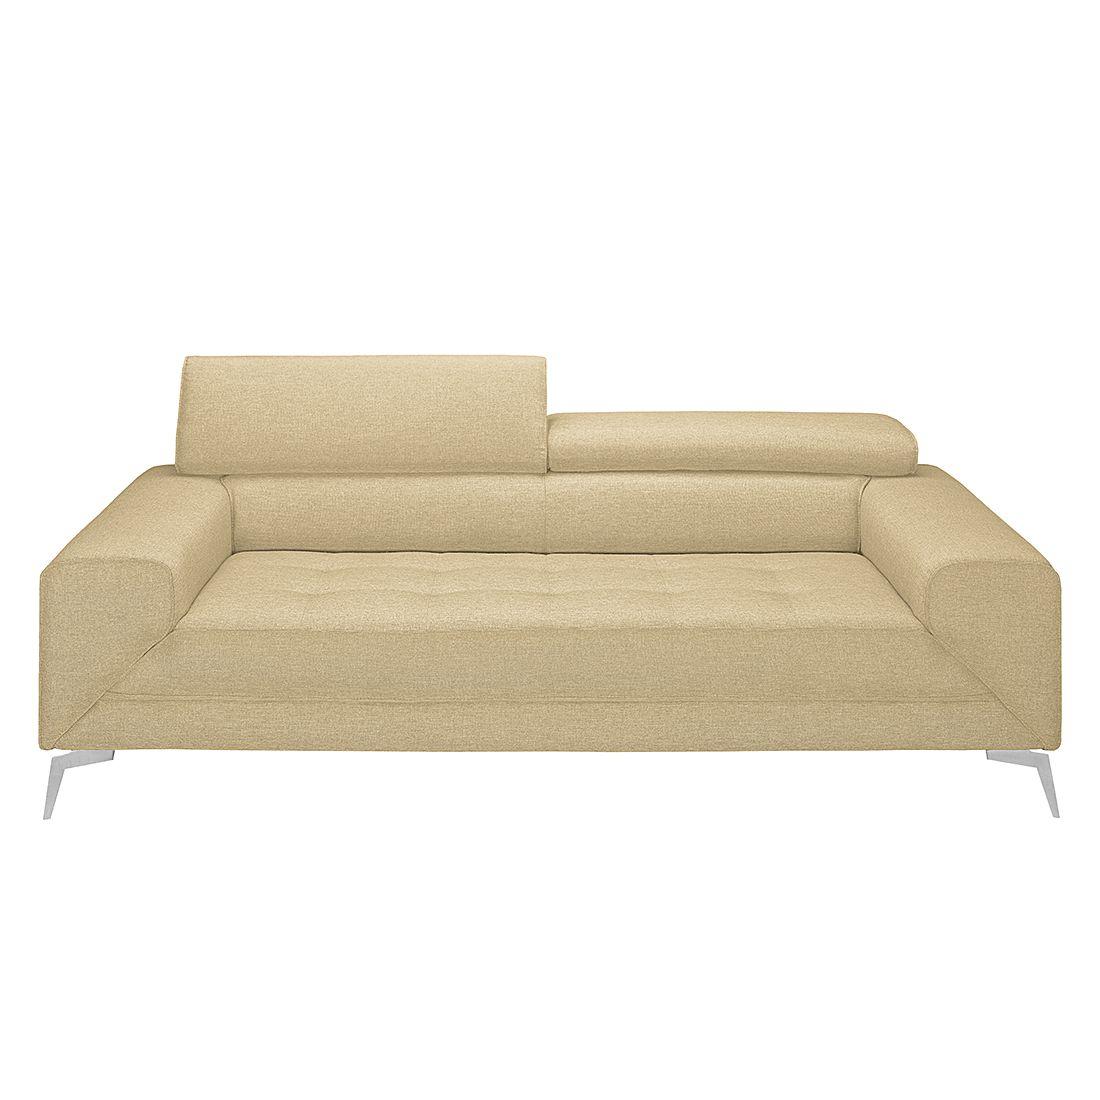 sofa walden 3 sitzer webstoff beige loftscape. Black Bedroom Furniture Sets. Home Design Ideas